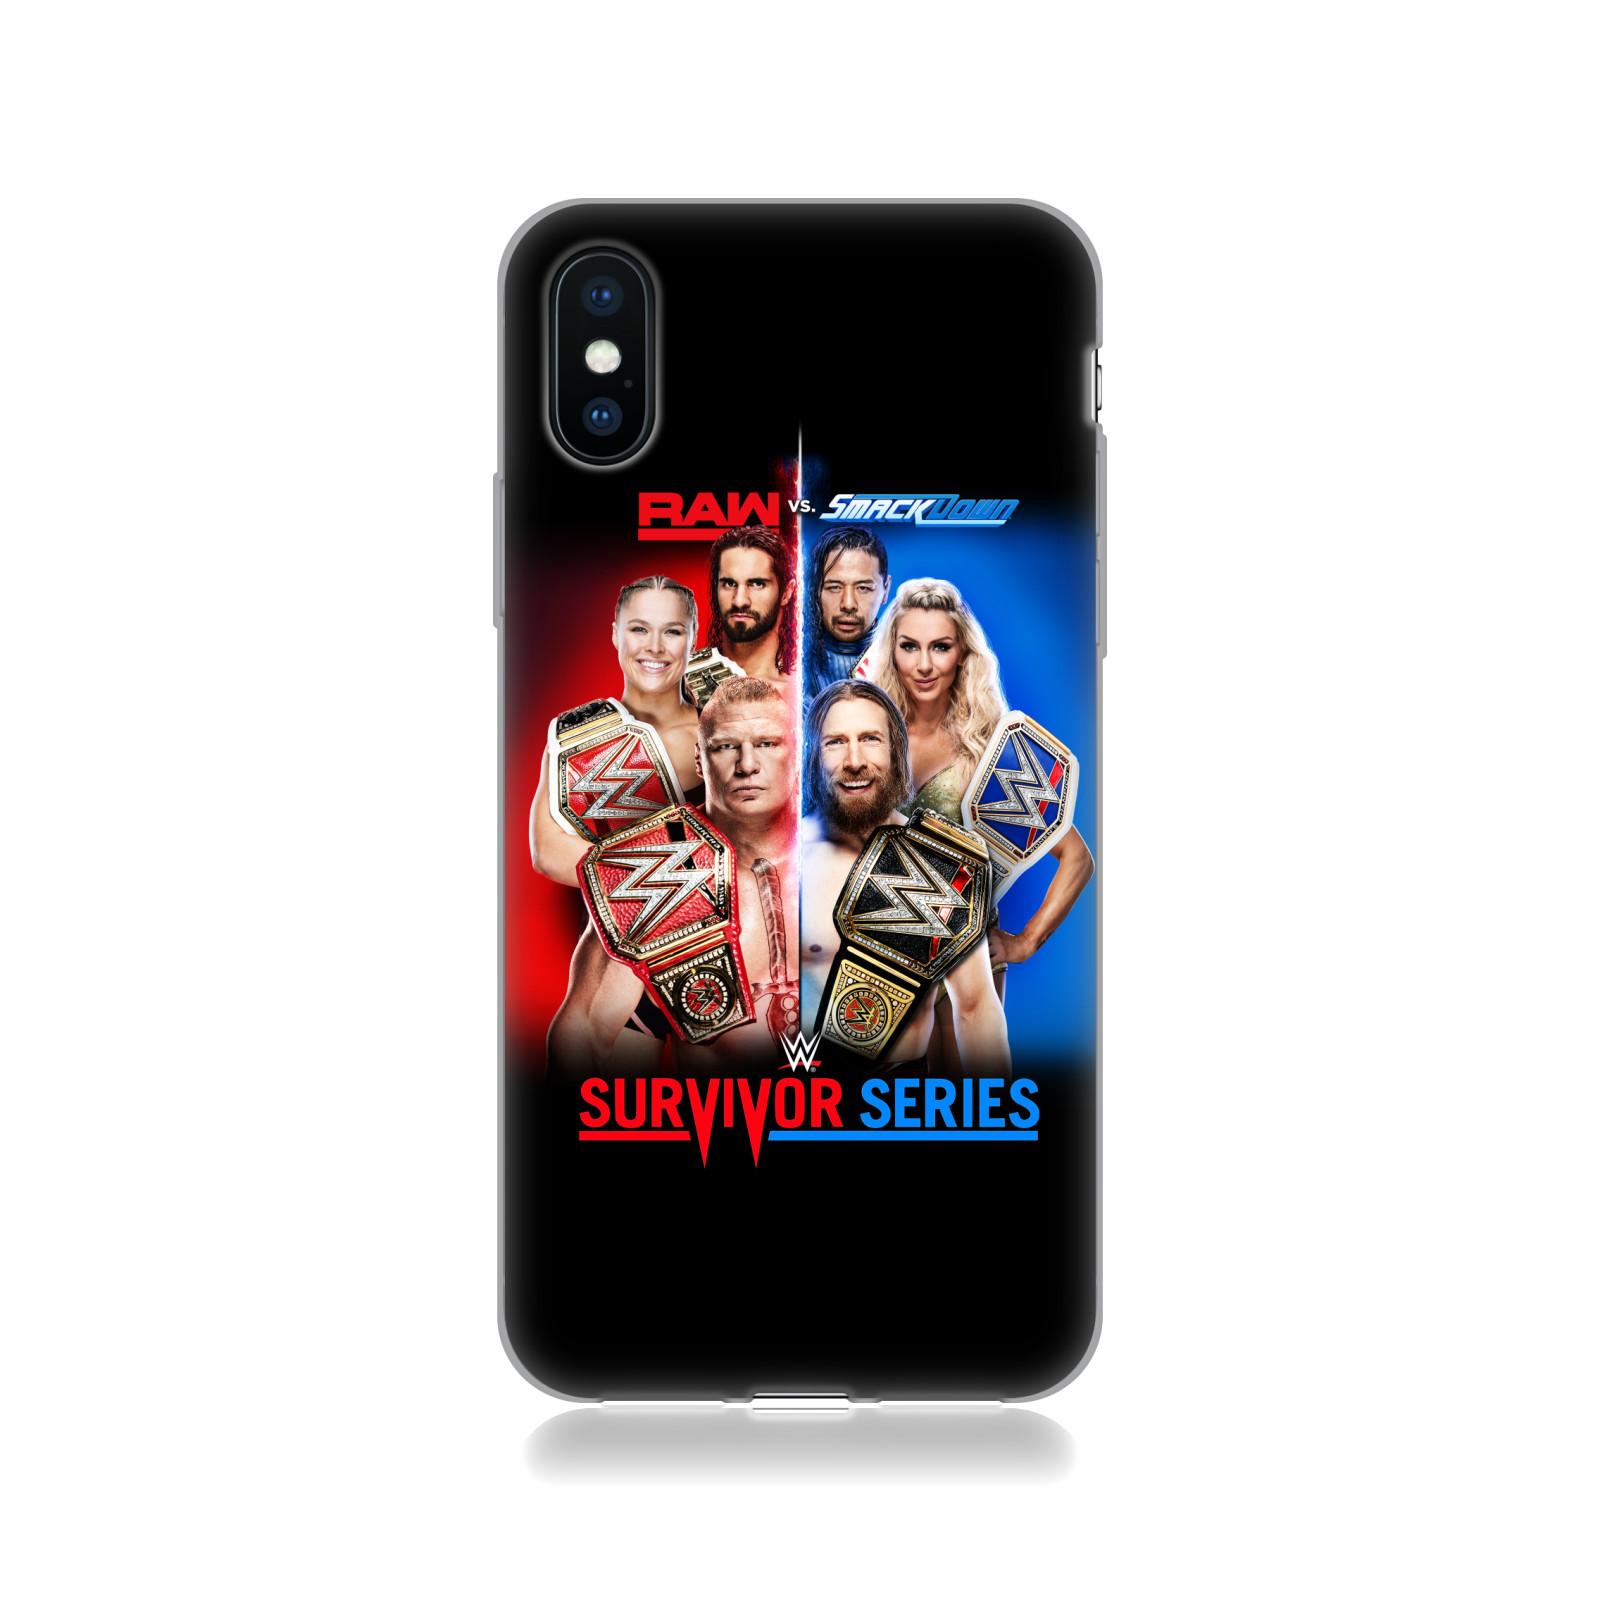 WWE <!--translate-lineup-->2018 Survivor Series<!--translate-lineup-->